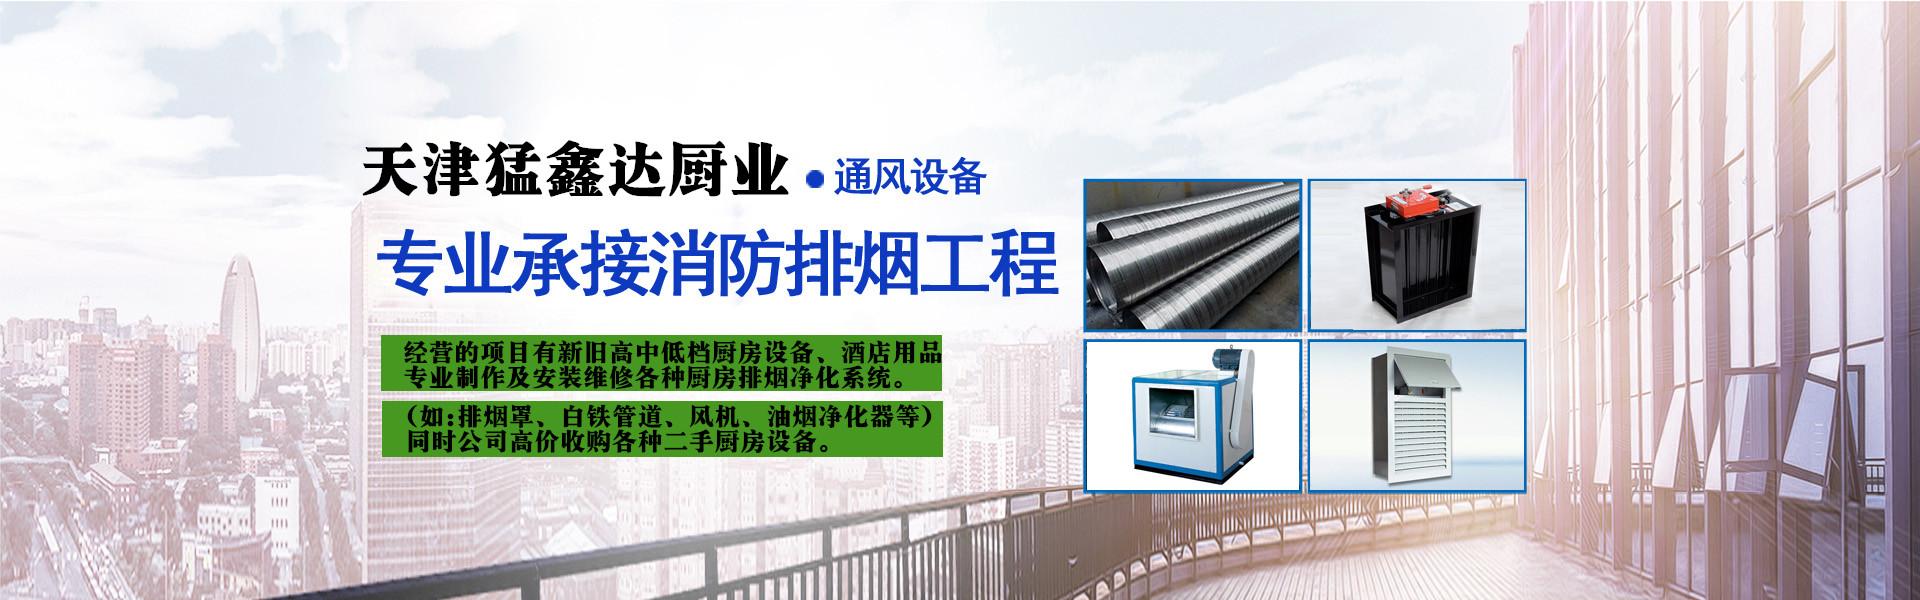 天津雷火电竞平台,天津厨房排烟,天津通风管道